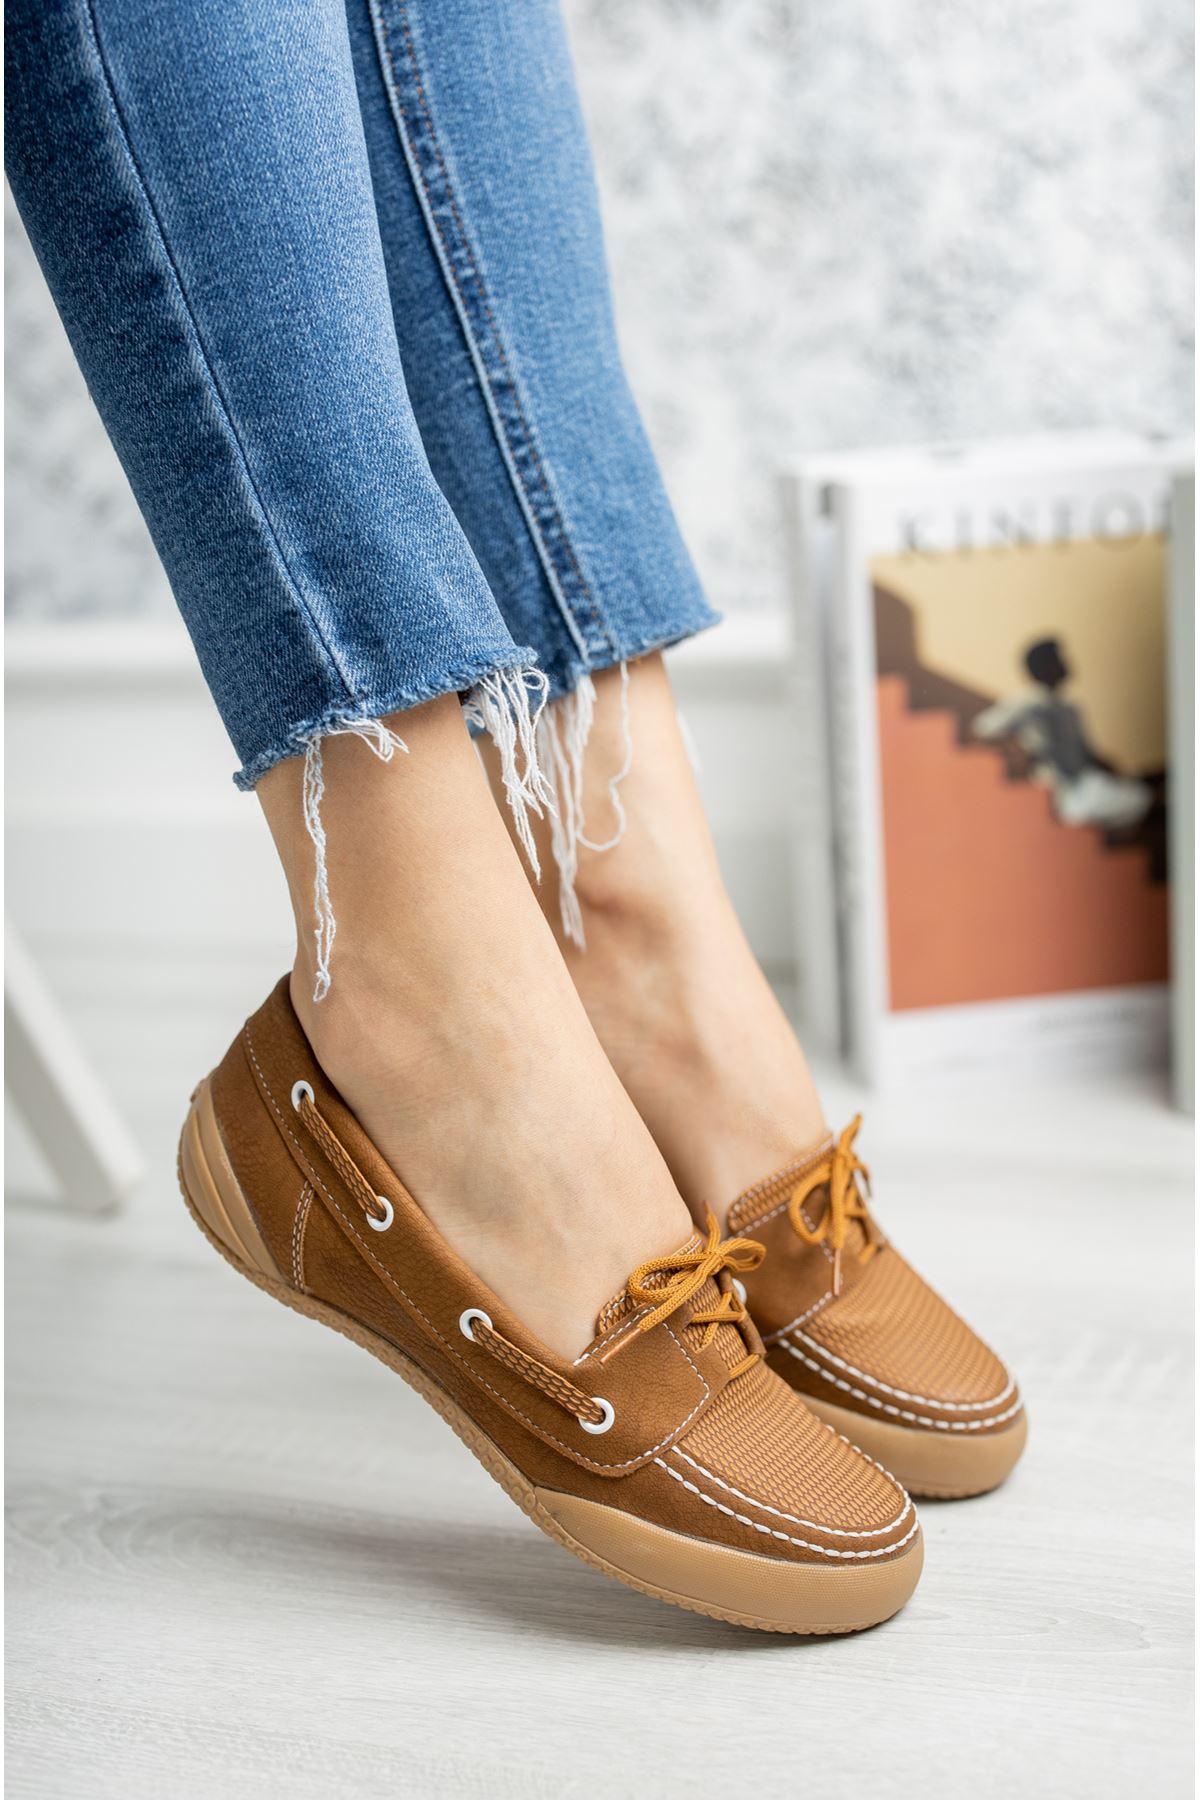 Ortapedik Pedli Bağcıklı Taba Ayakkabı